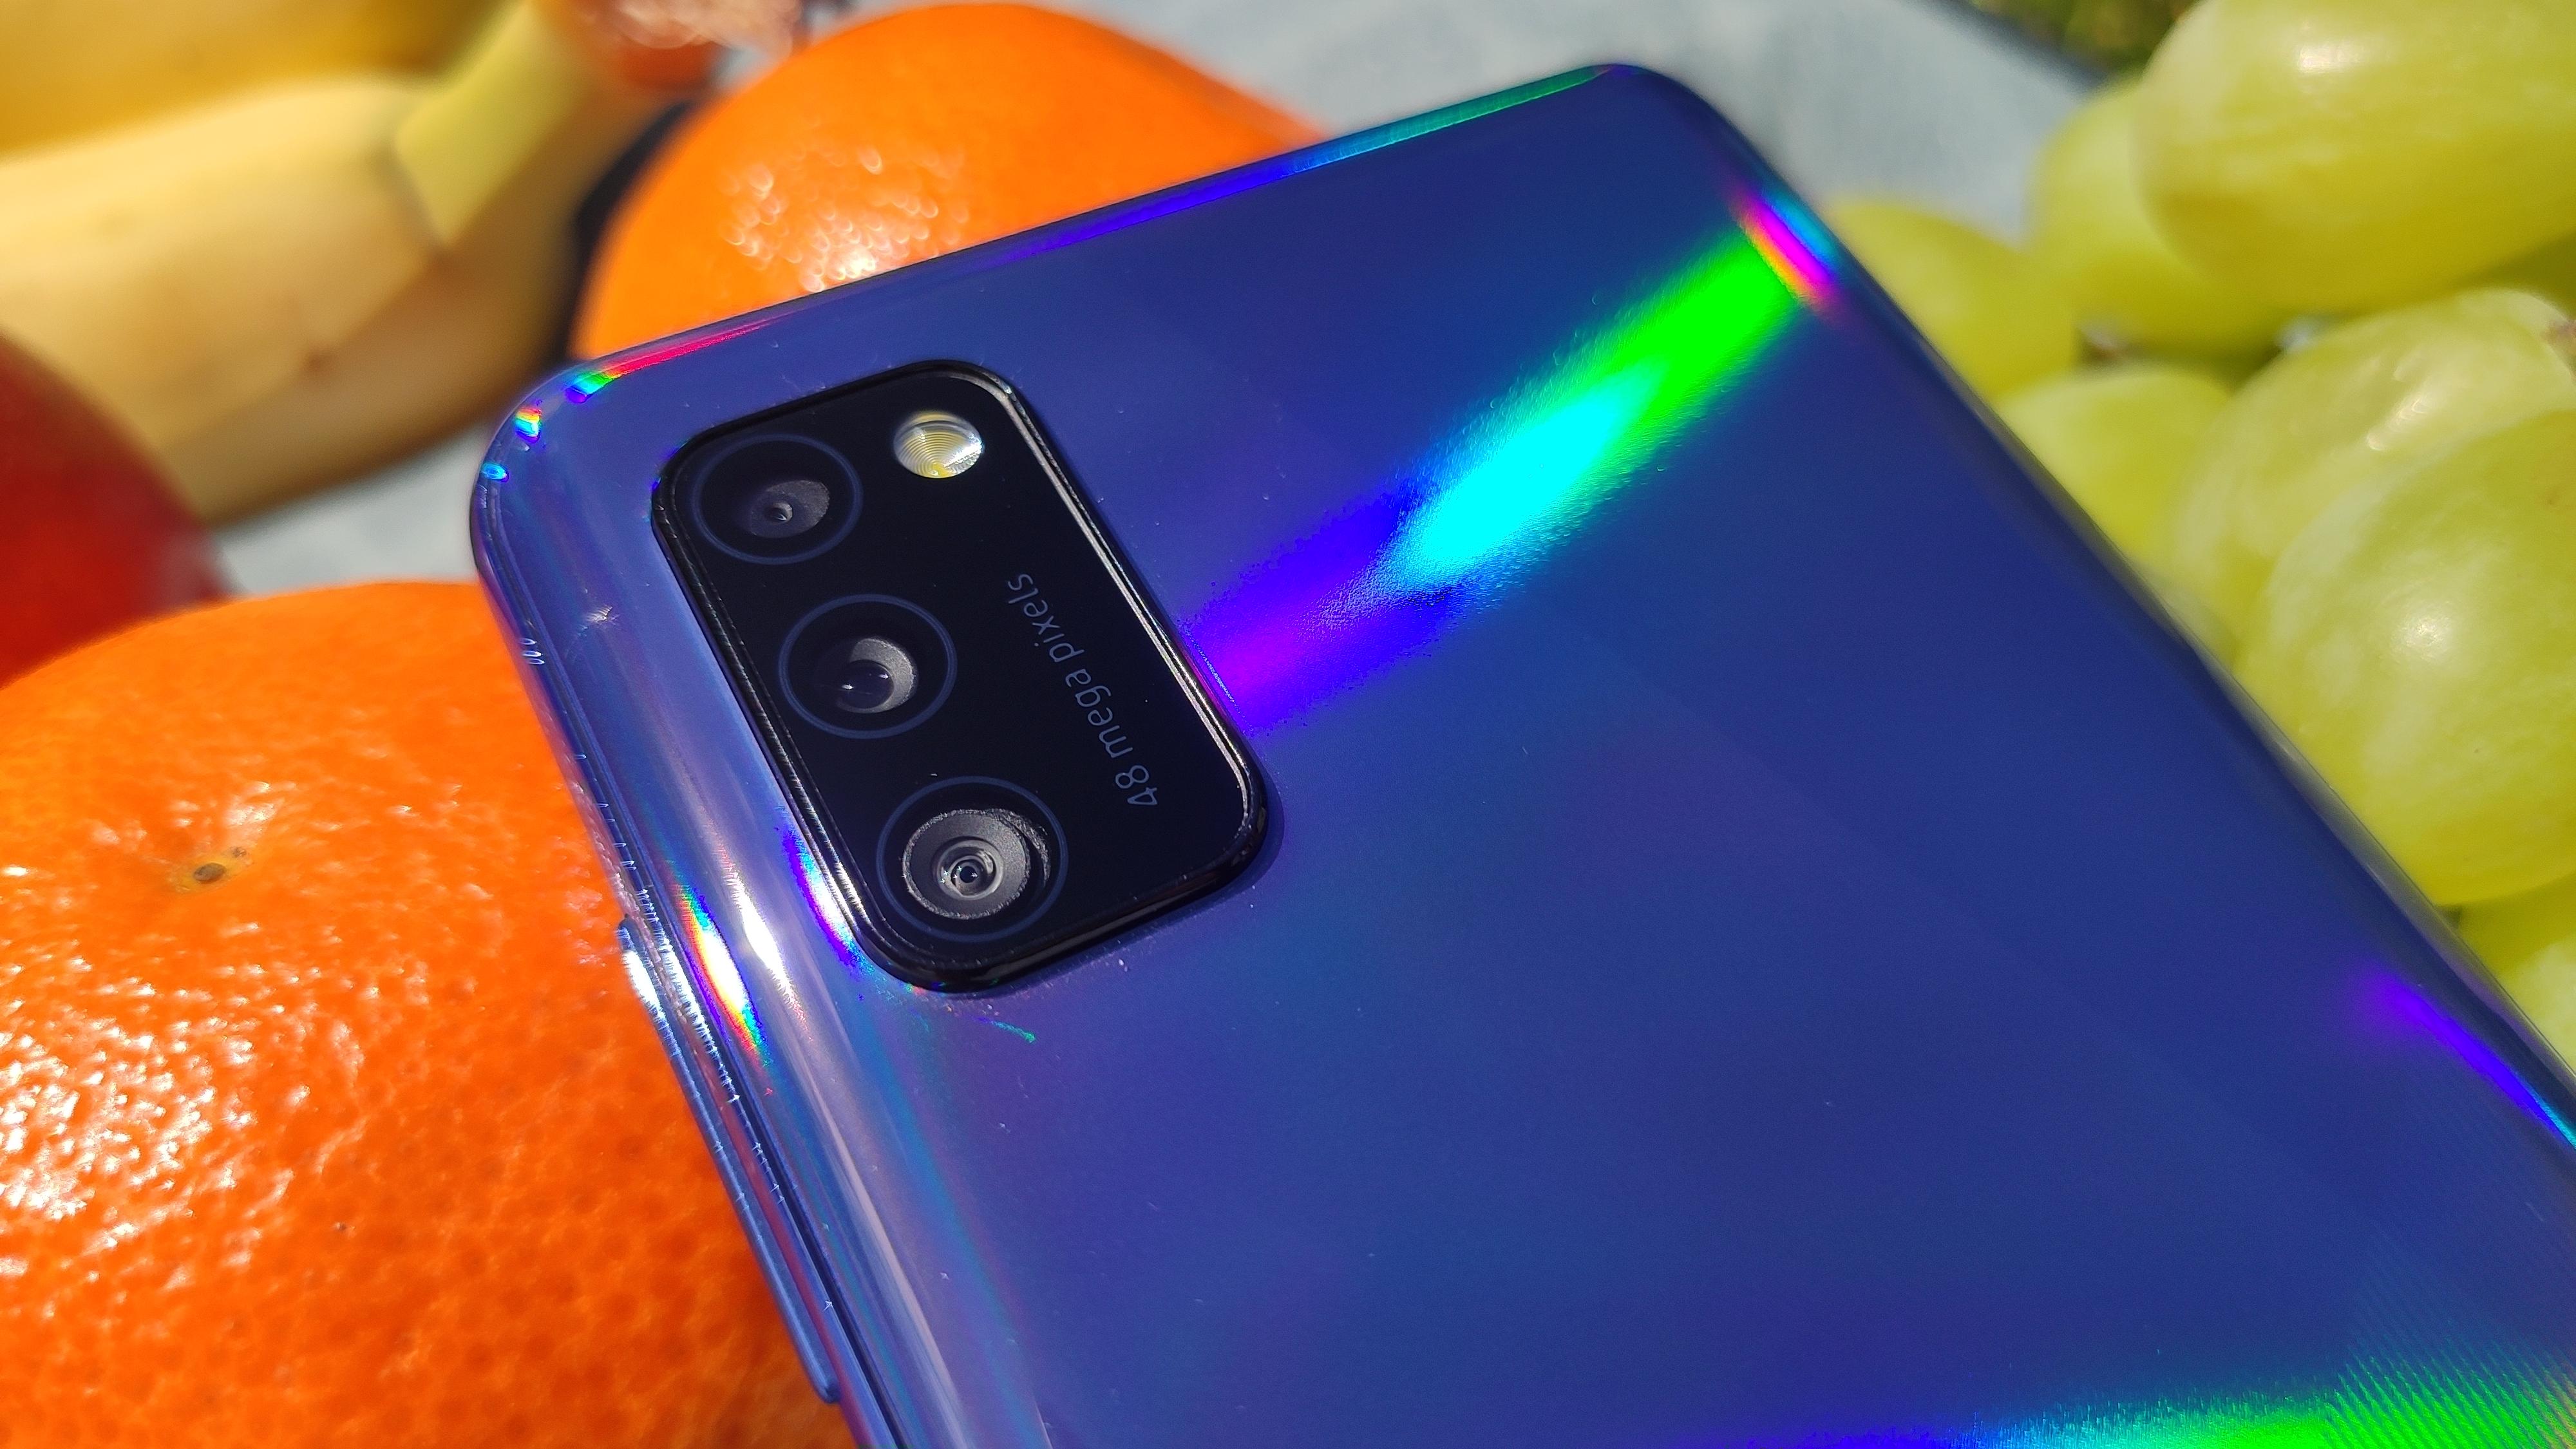 Żywe kolory to domena tego modelu od Samsunga. | fot. Krzysztof Rodziński